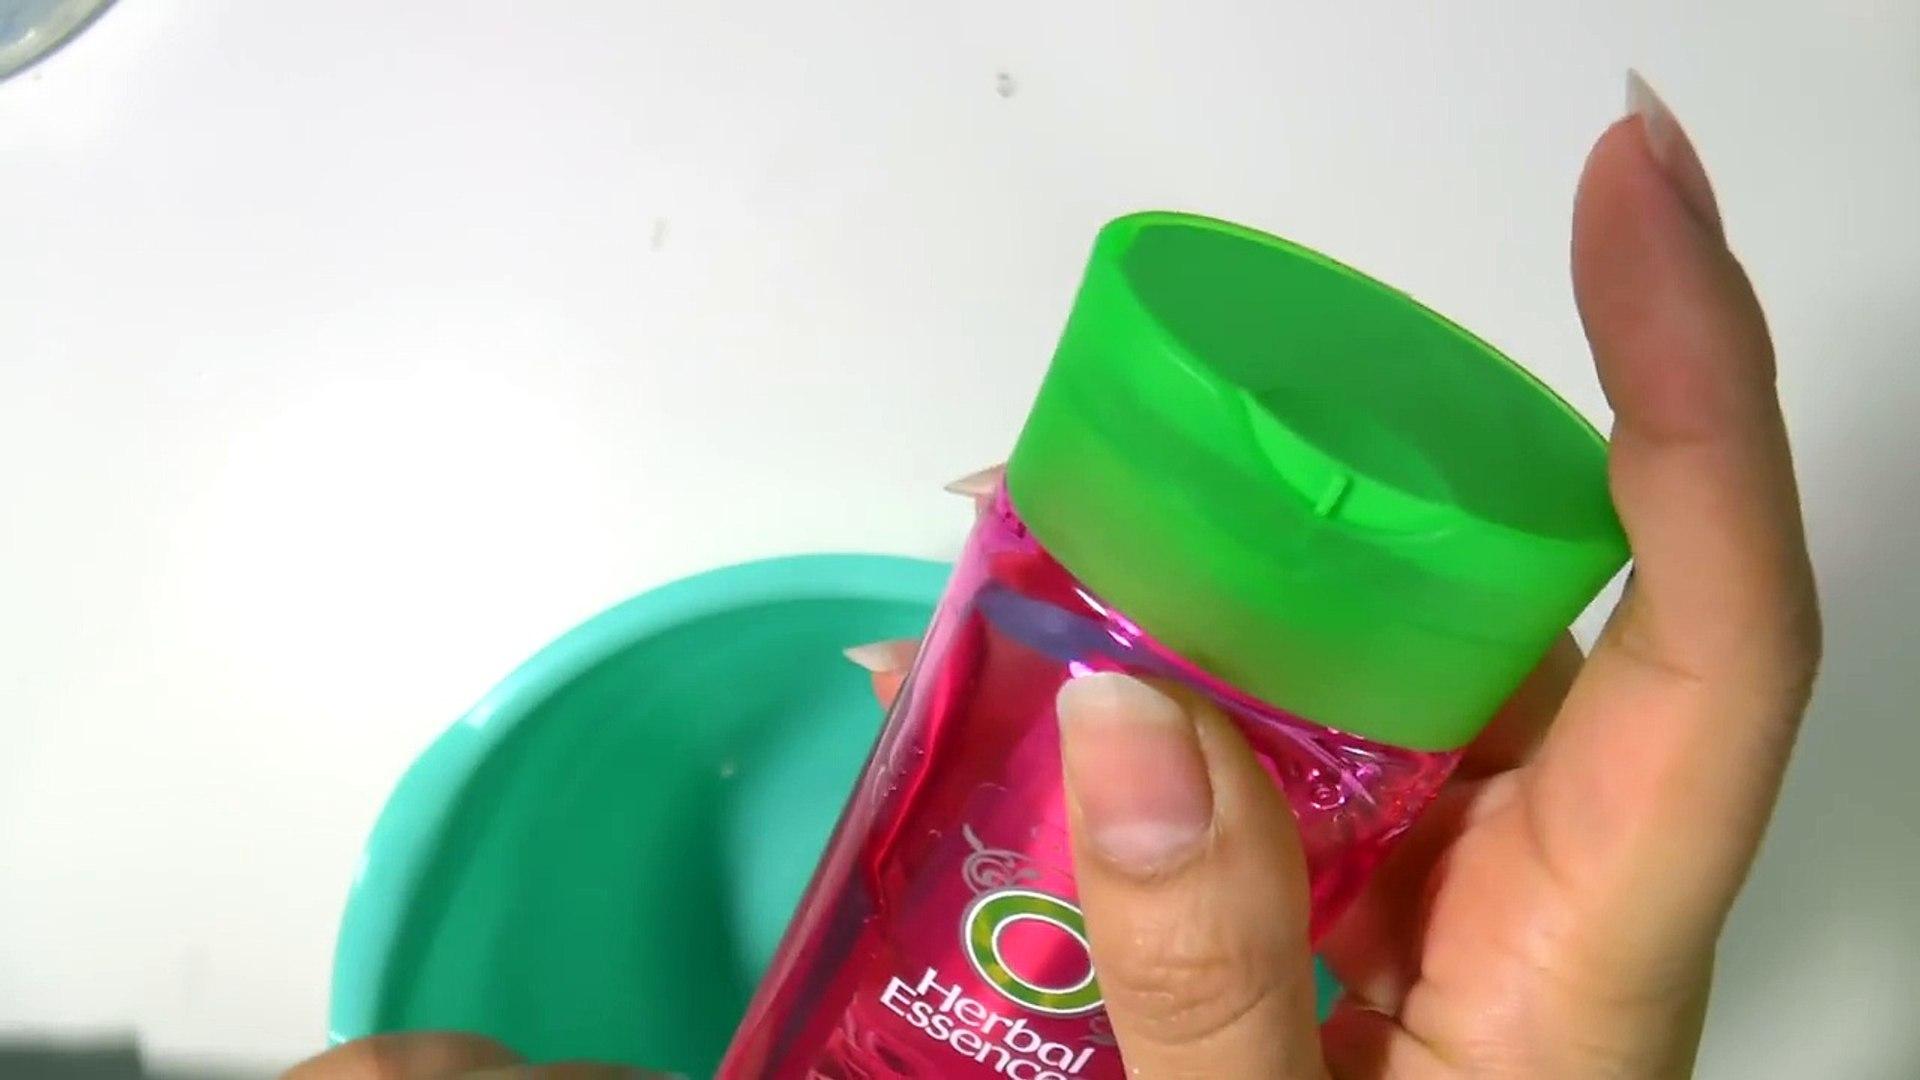 Hoe maak je slijm van shampoo zonder lijm, wasmiddel, lensvloeistof en Borax? POGING 1!